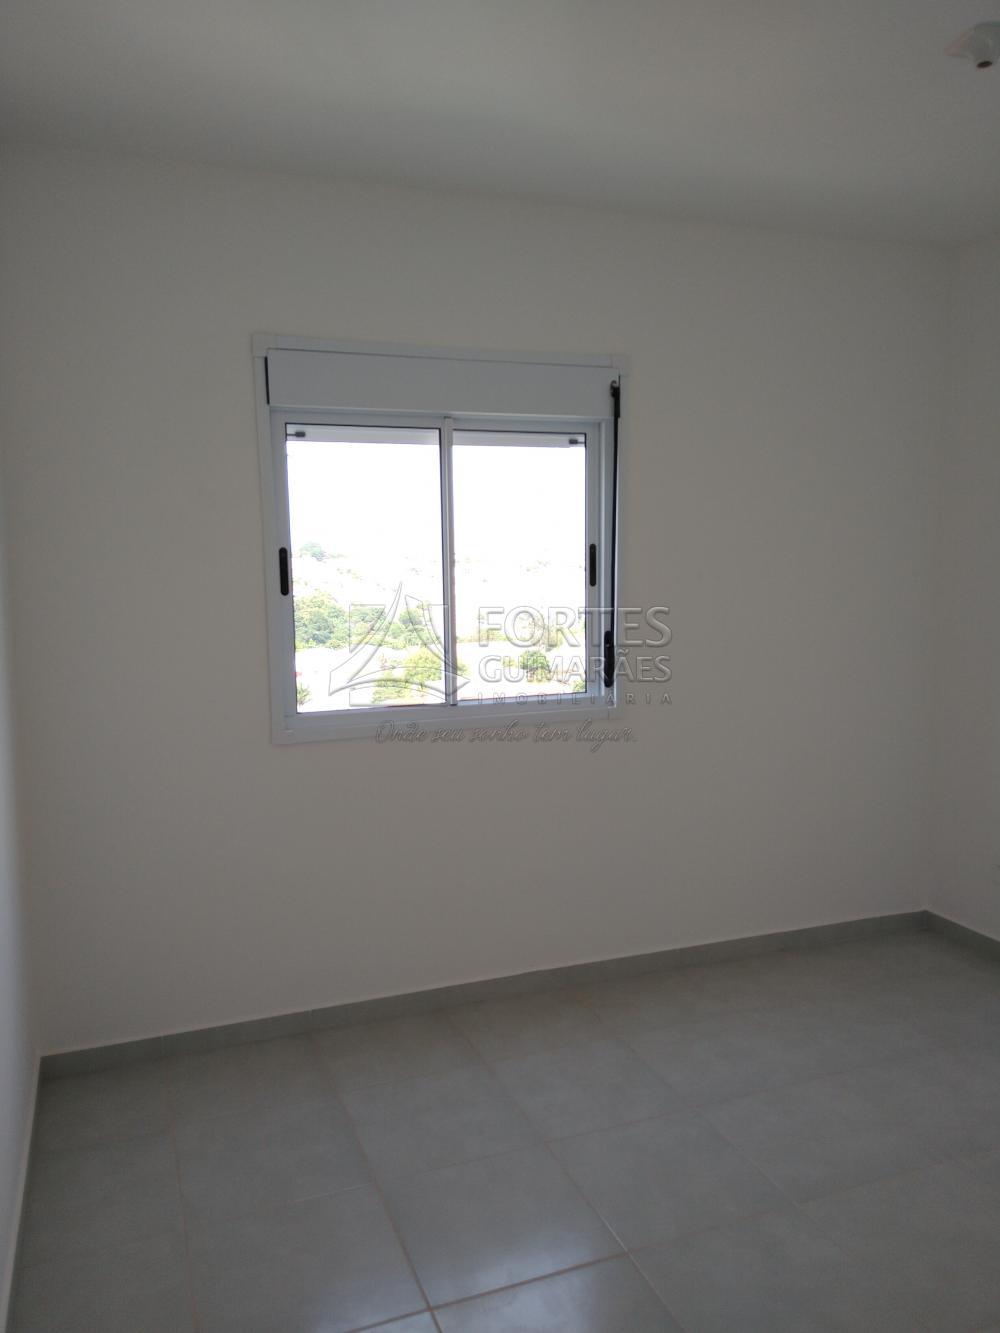 Alugar Apartamentos / Padrão em Ribeirão Preto apenas R$ 800,00 - Foto 19